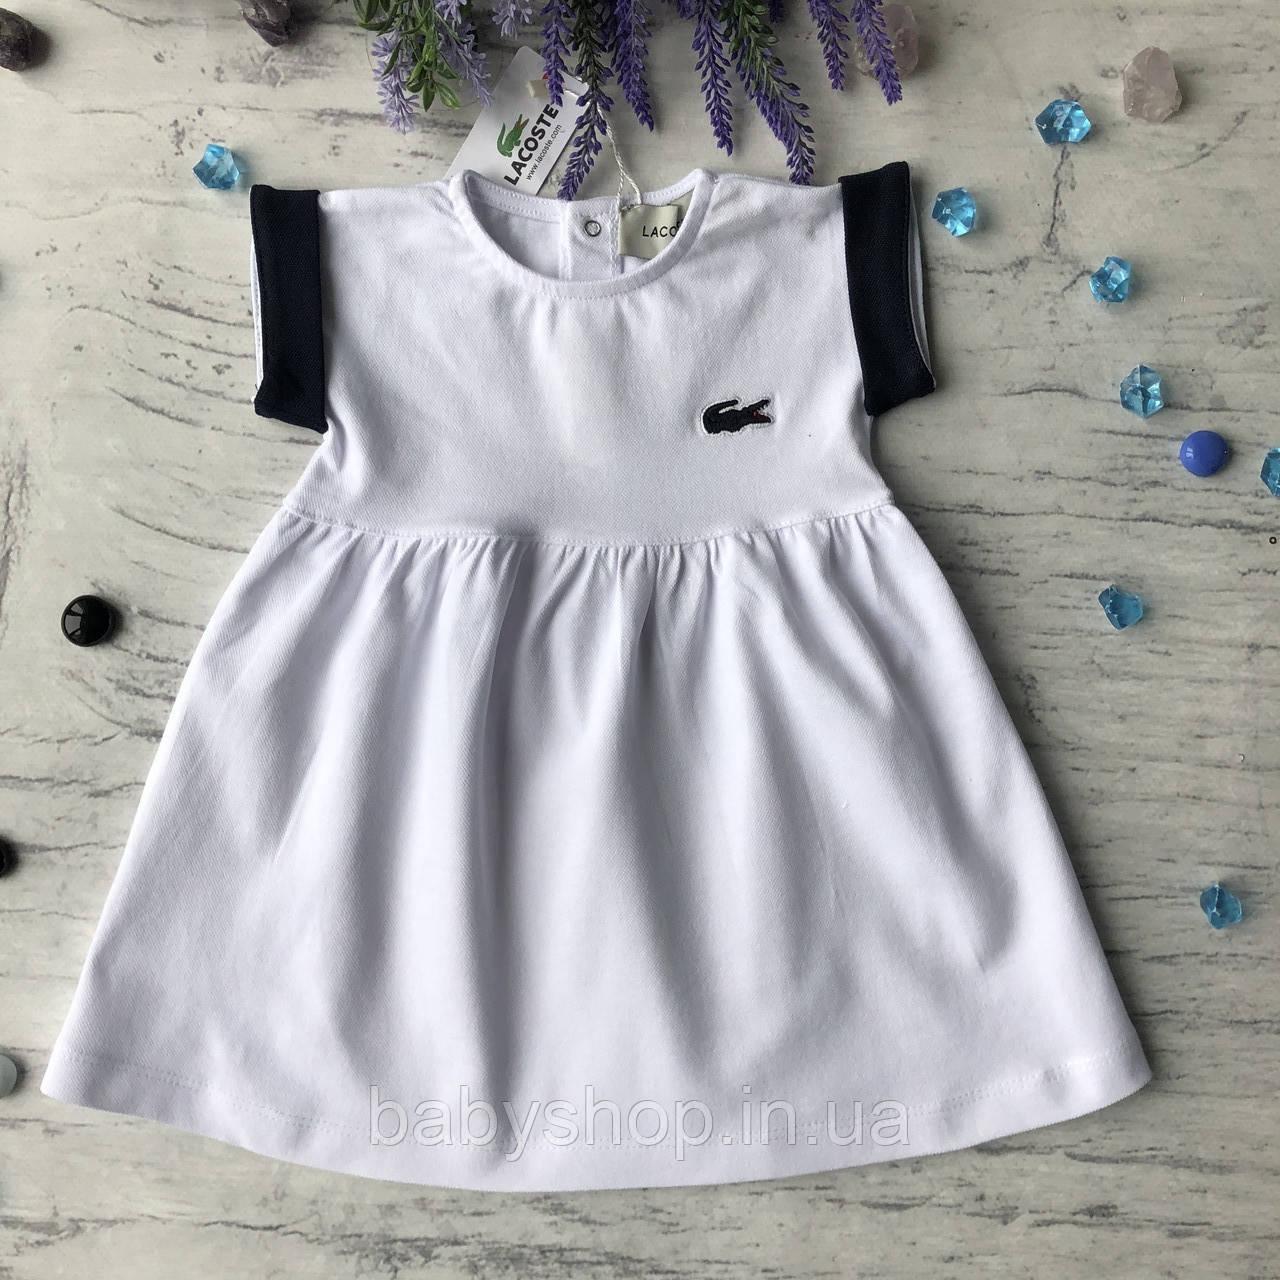 Летнее платье в стиле Лакост Размер 68 см